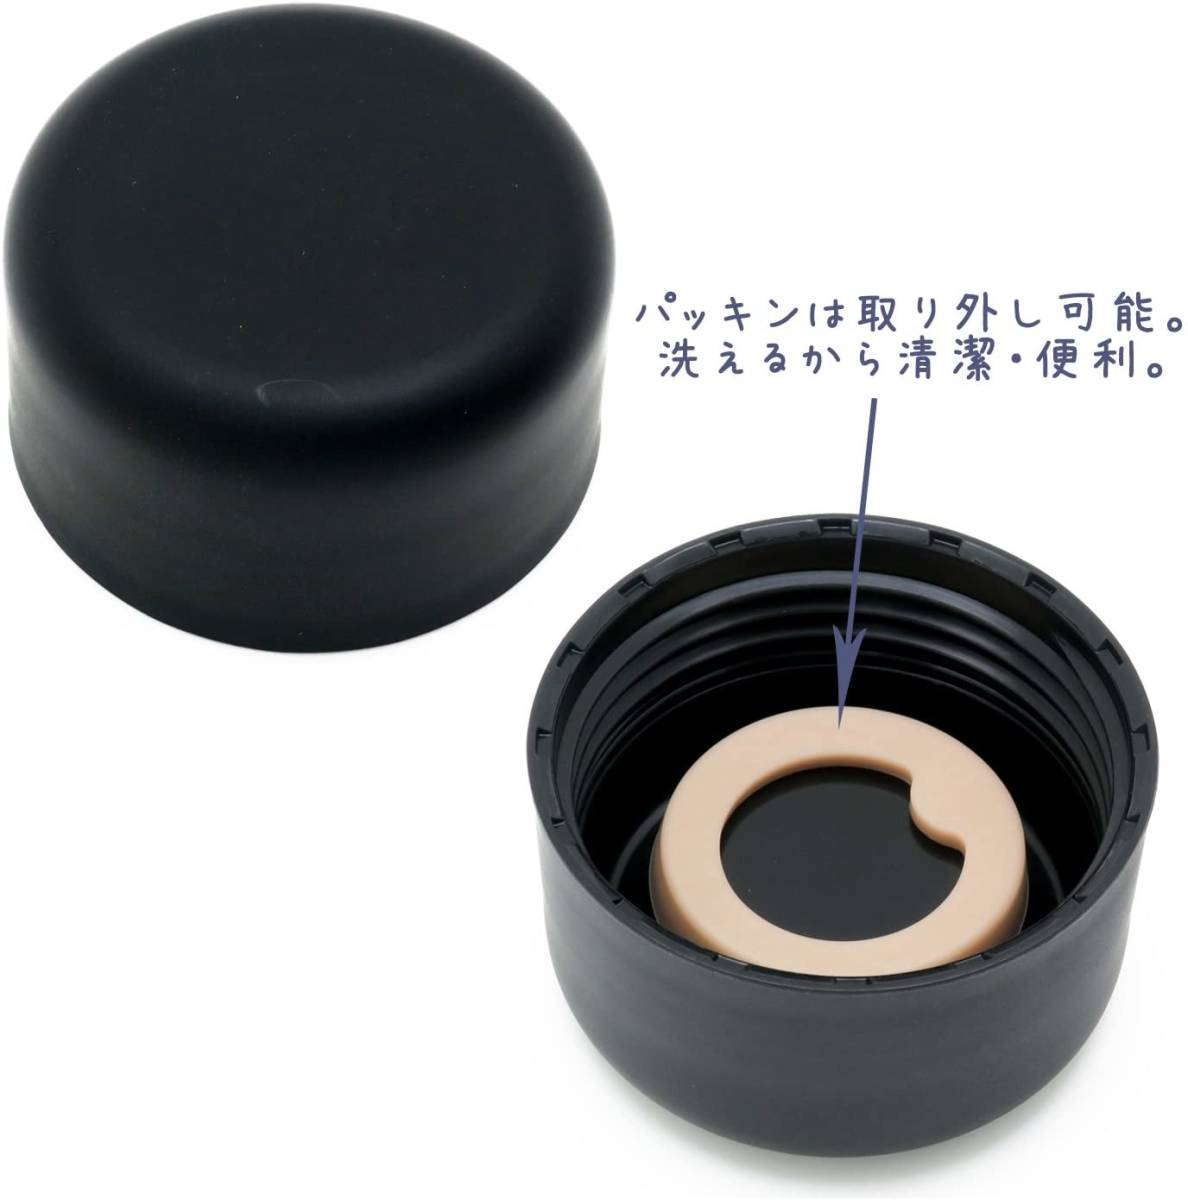 新品 送料無料 黒 ブラック OSK マグボトル ダイレクトステンレスボトル スヌーピー&ウッドストック 490ml 水筒 軽量 温冷両用タイプ